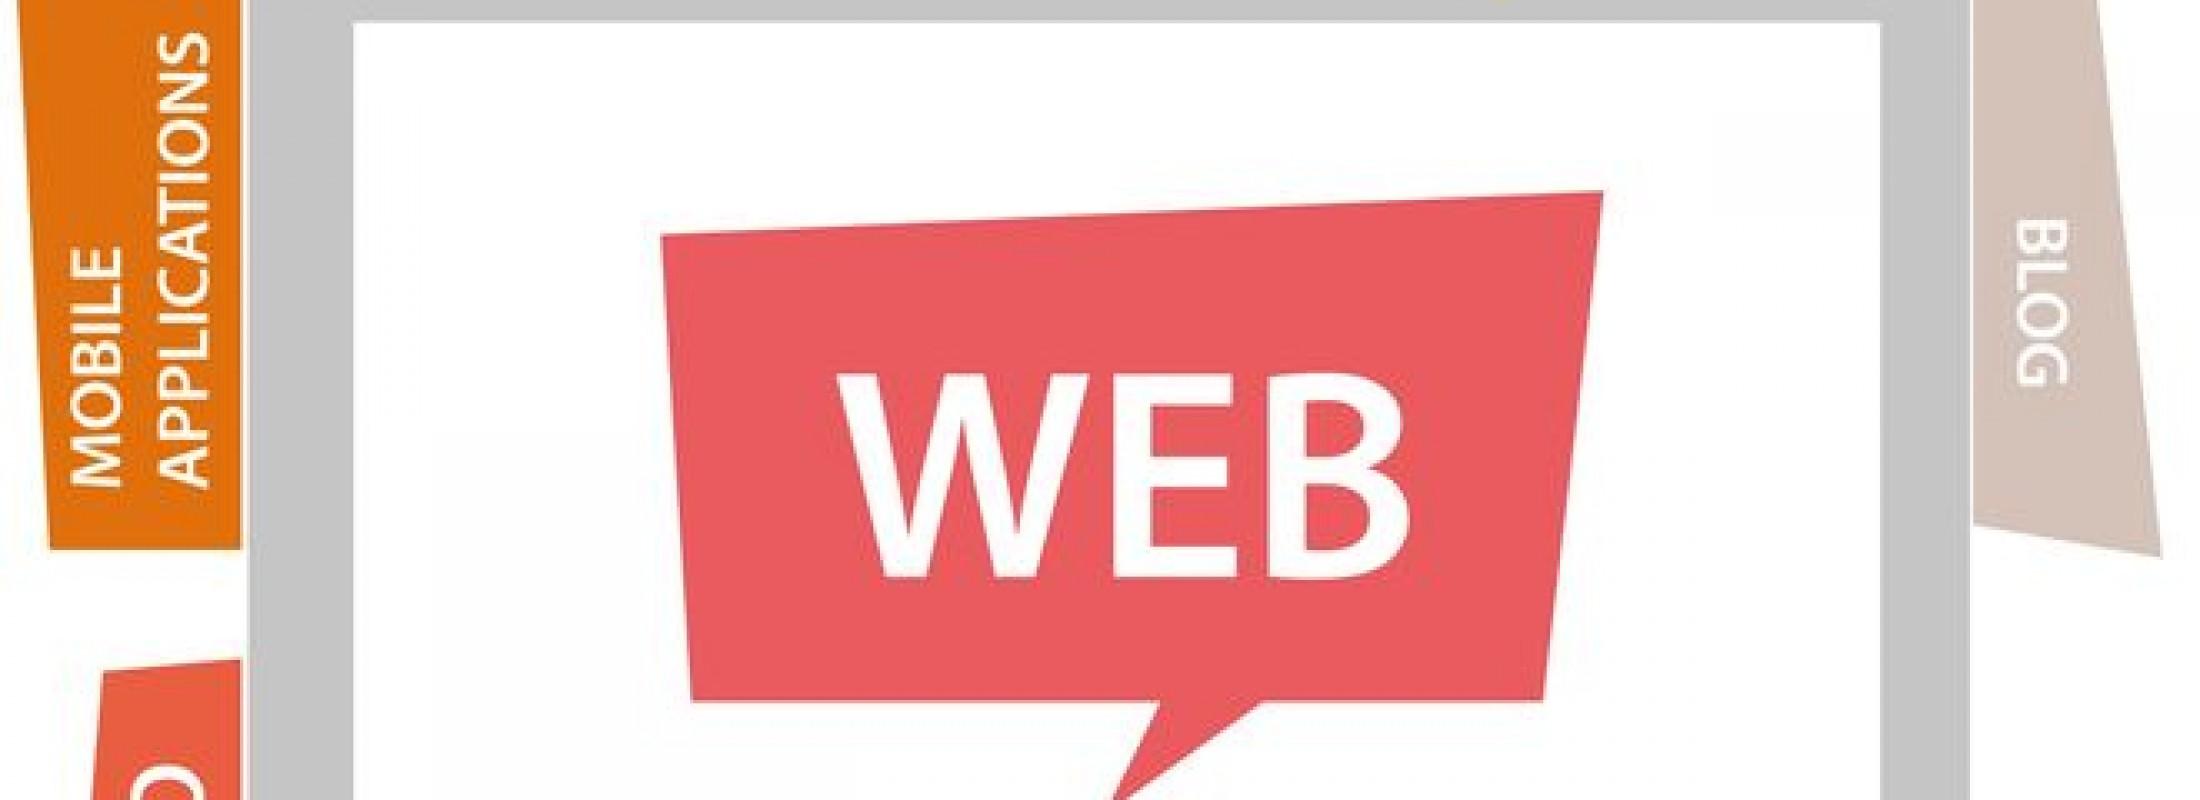 12 bancos de imágenes gratis para conseguir fotografías para blogs o webs (y II)